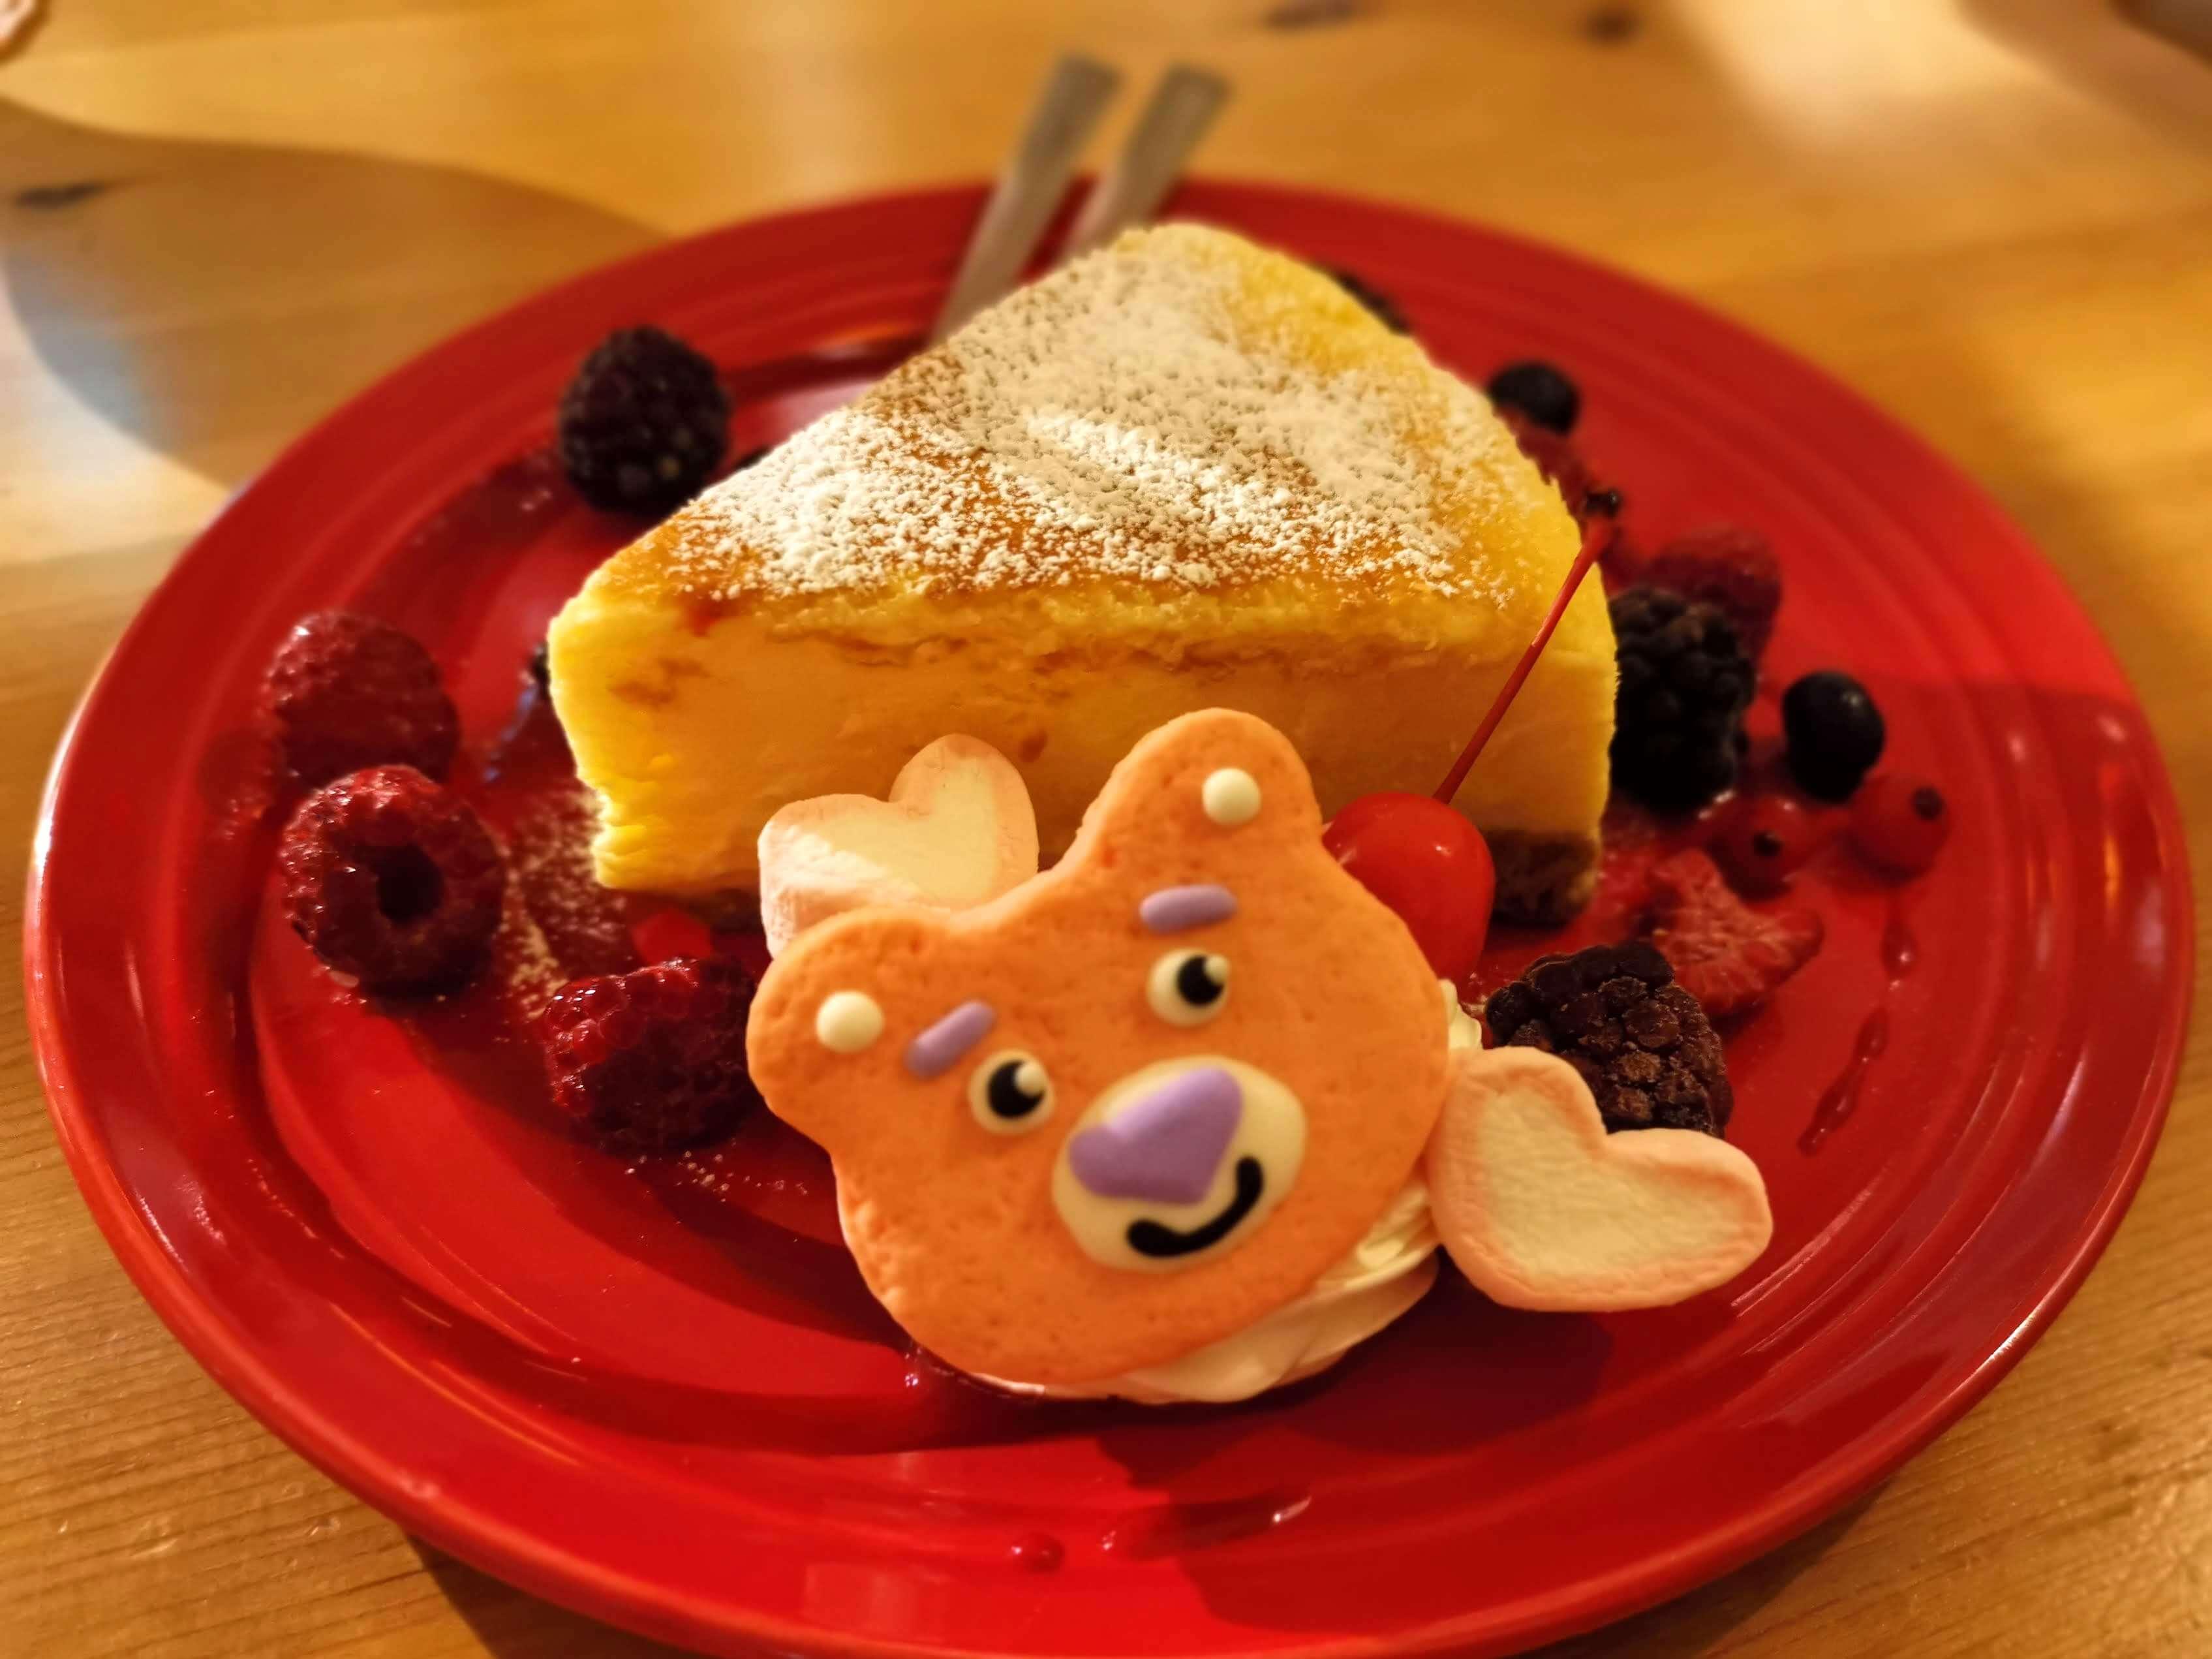 高円寺 All Cs cafe オールシーズカフェ ニューヨークチーズケーキ (4)